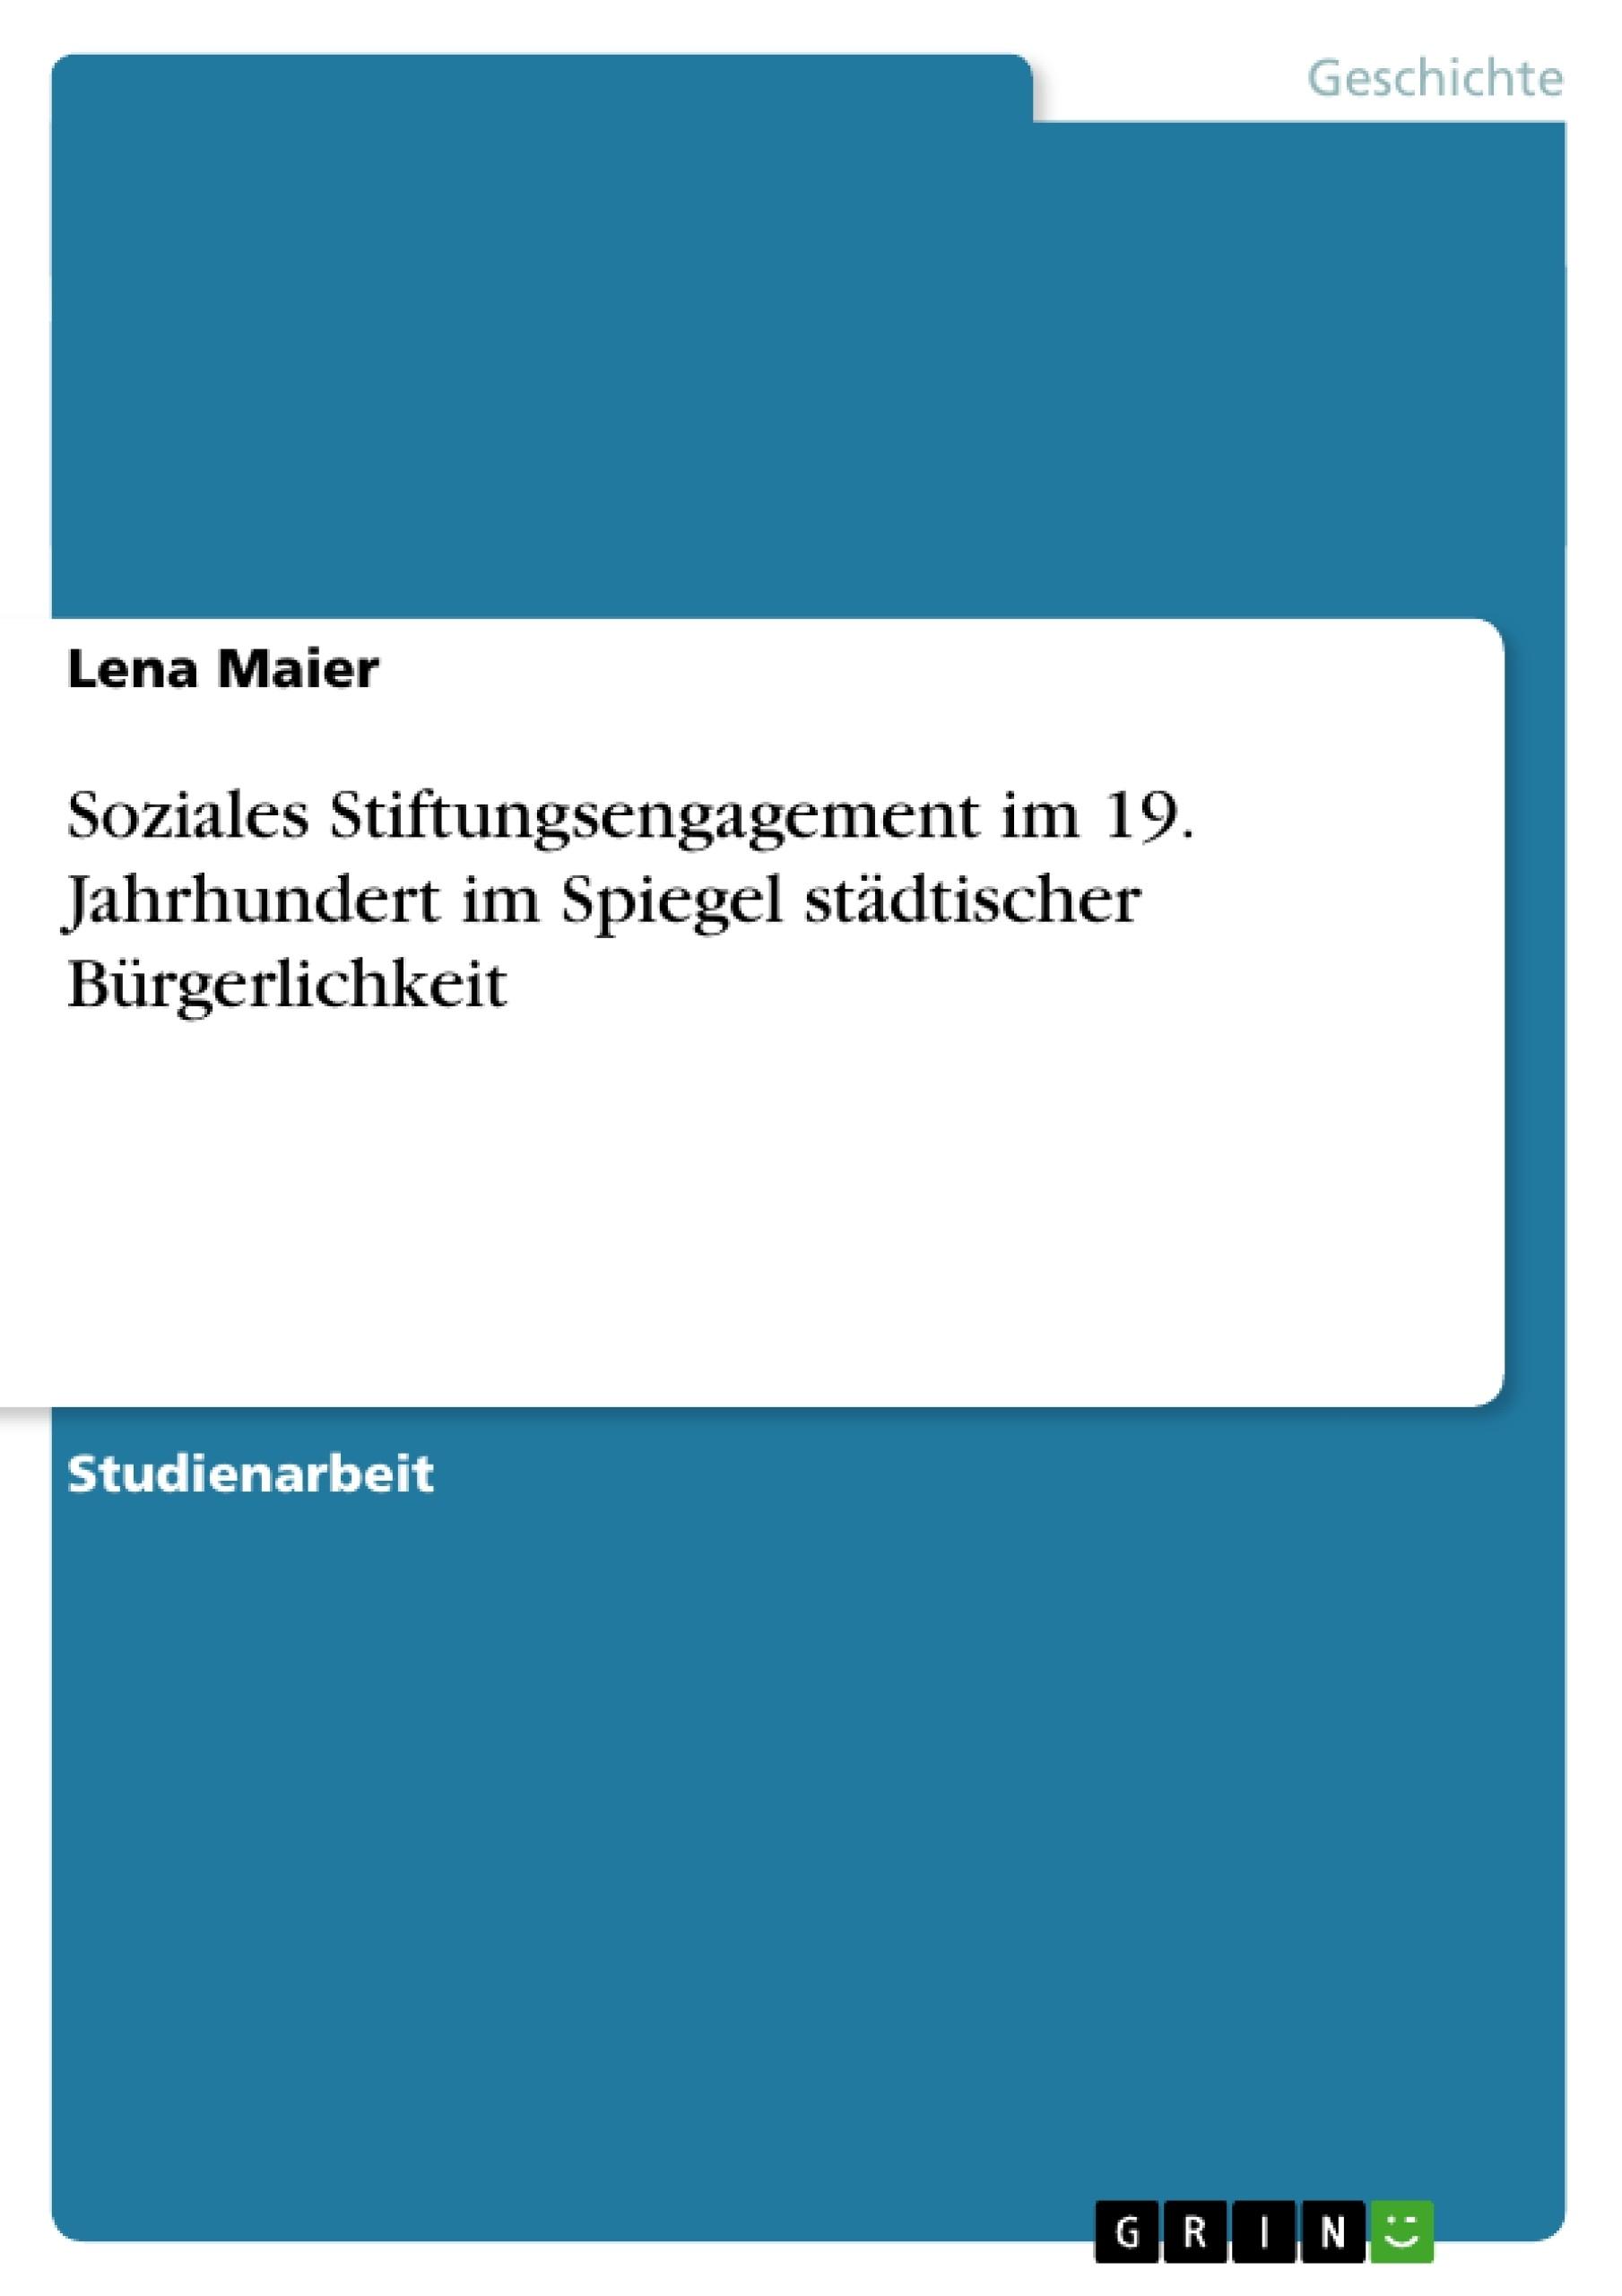 Titel: Soziales Stiftungsengagement im 19. Jahrhundert im Spiegel städtischer Bürgerlichkeit